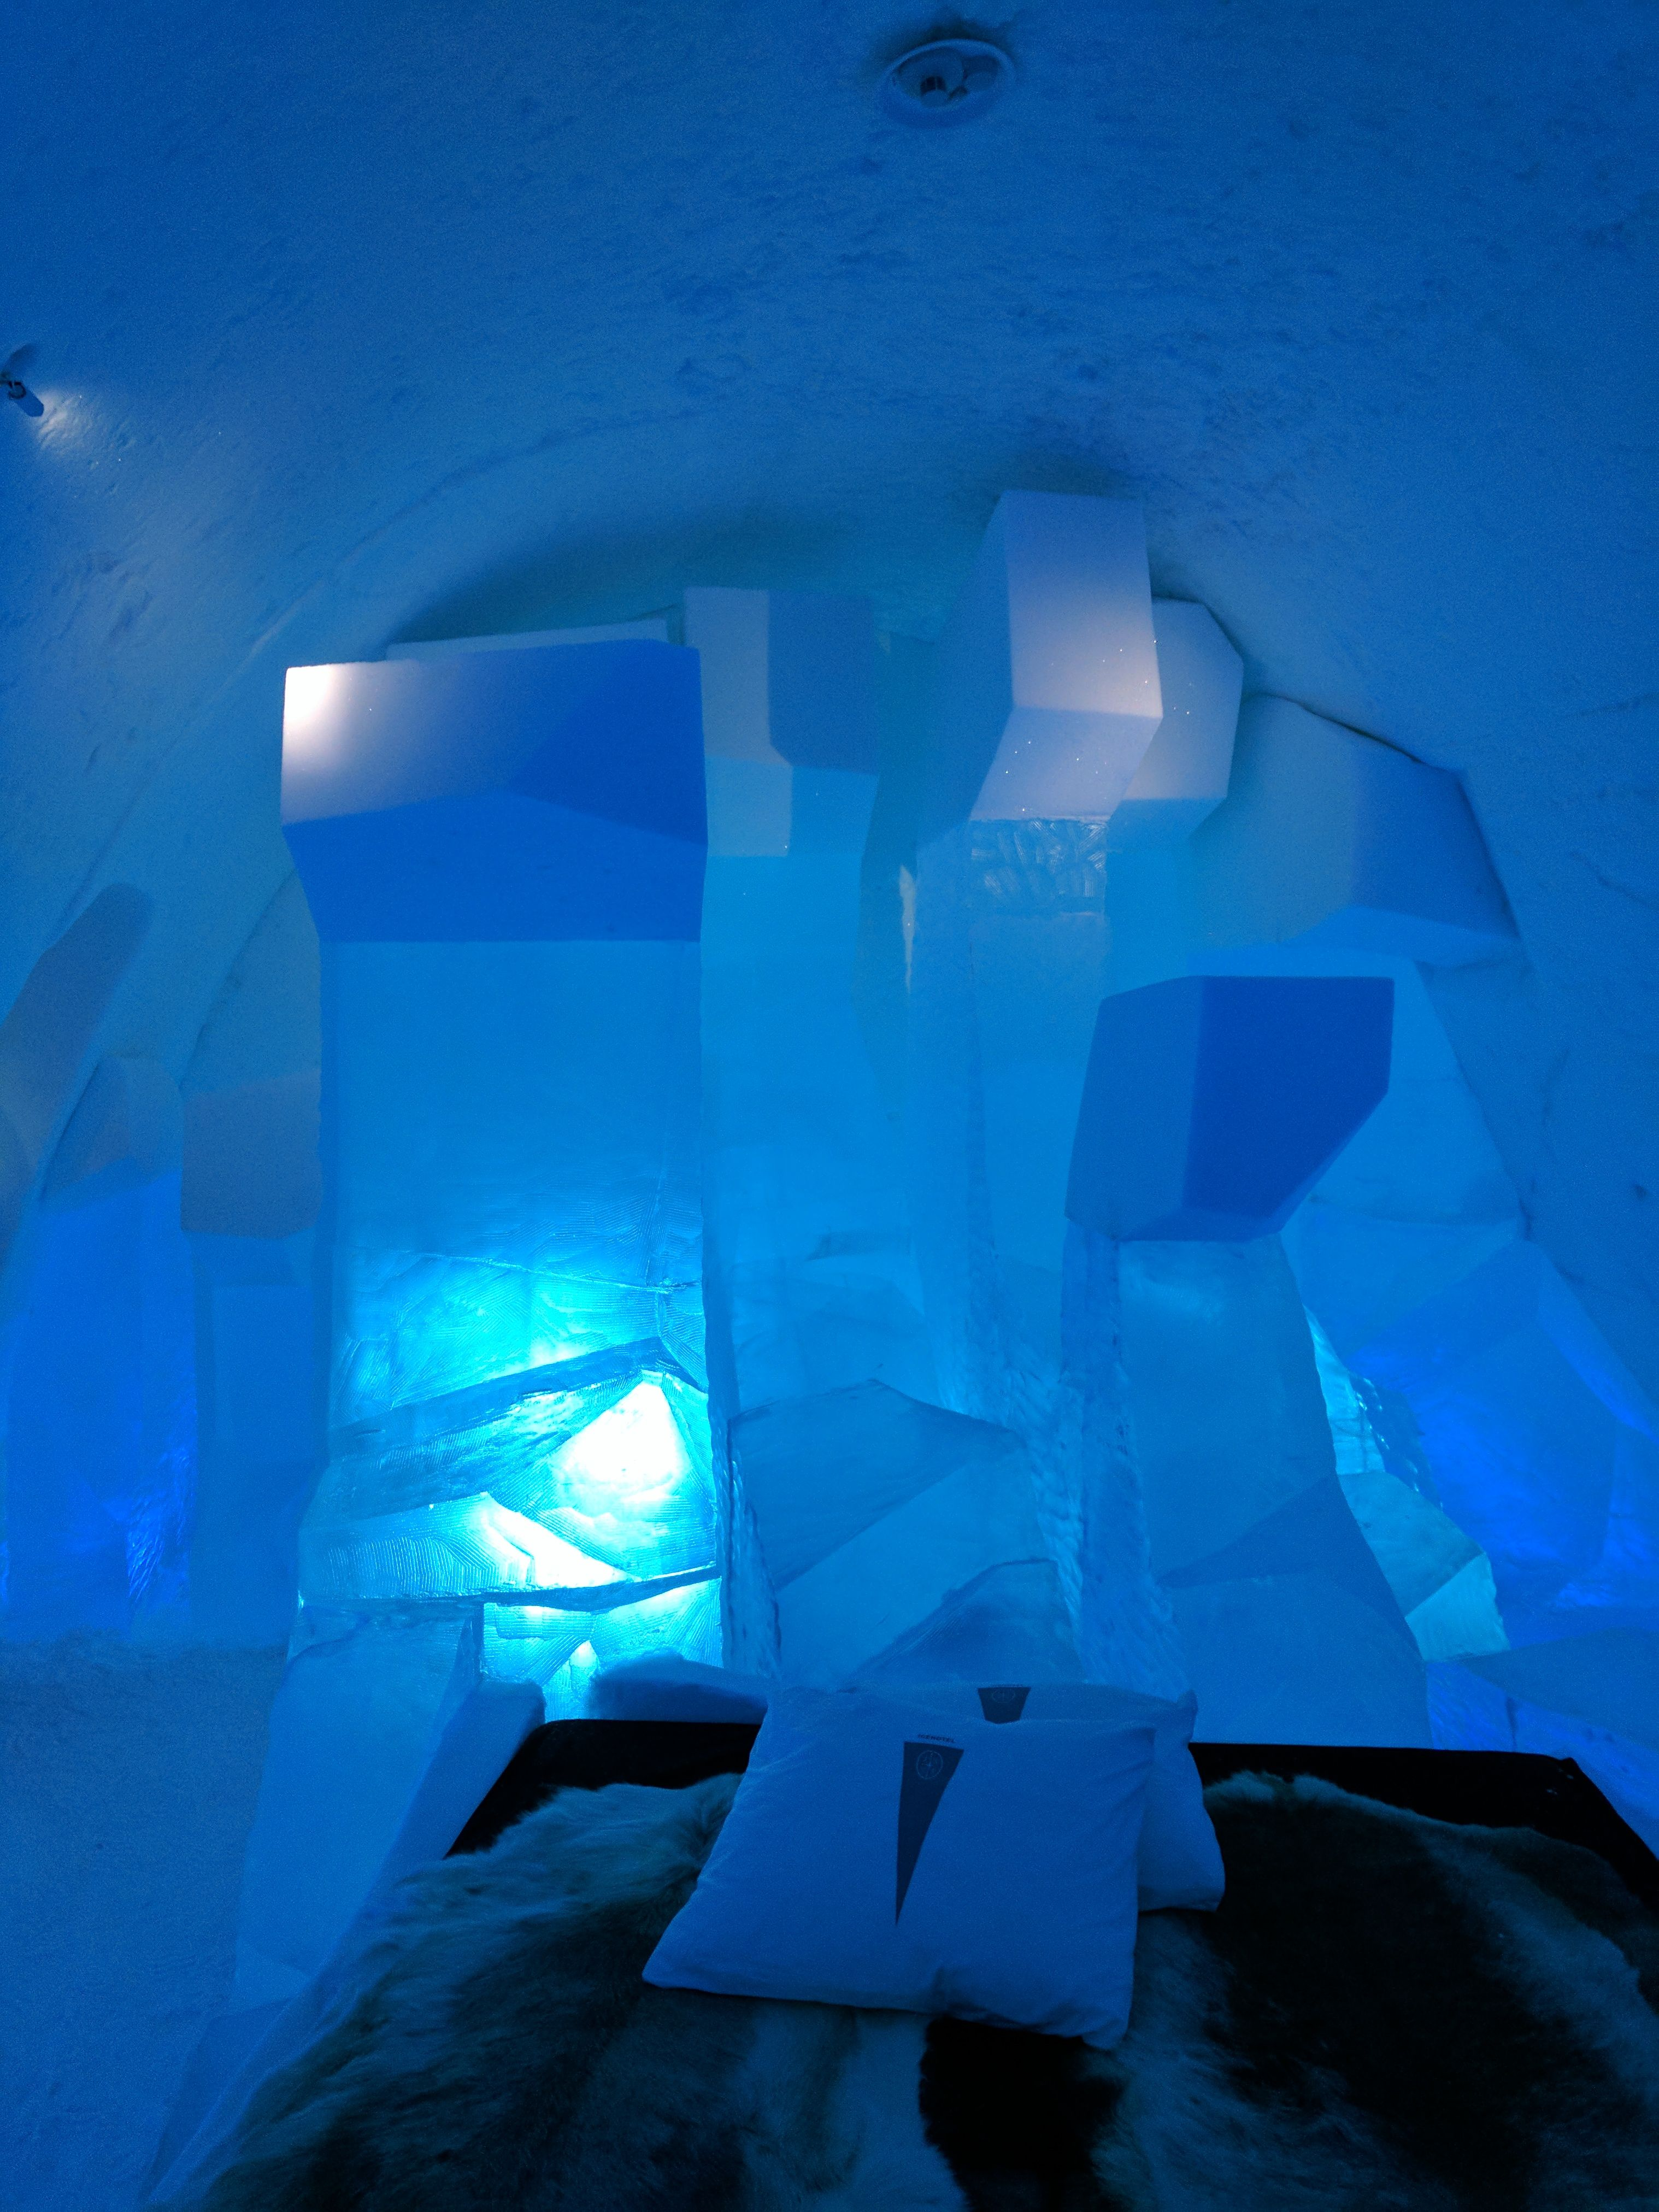 Pin von Kirsten Koehne auf ICE HOTEL Jukkasjärvi, Sweden | Pinterest